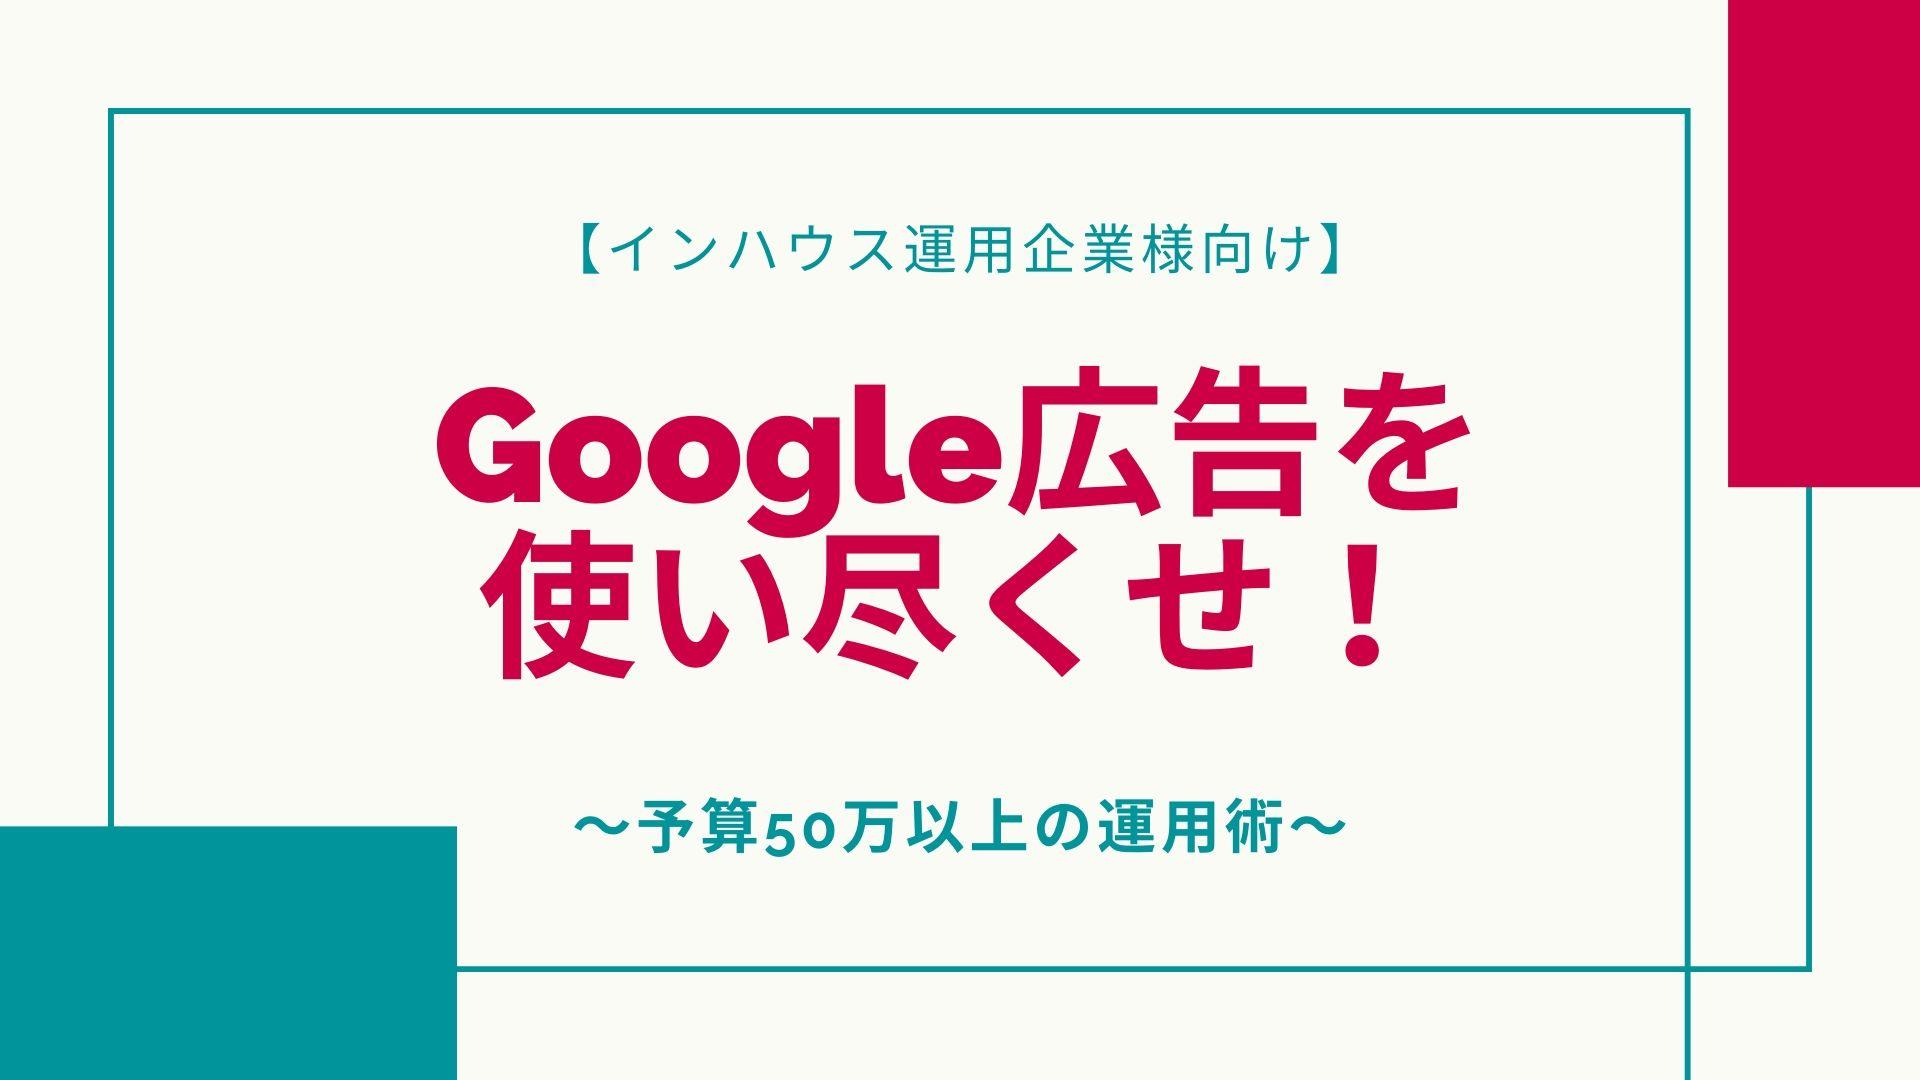 【インハウス運用企業様 限定】<br/>Google広告を使い尽くせ!<br/>予算50万以上の運用術webinar